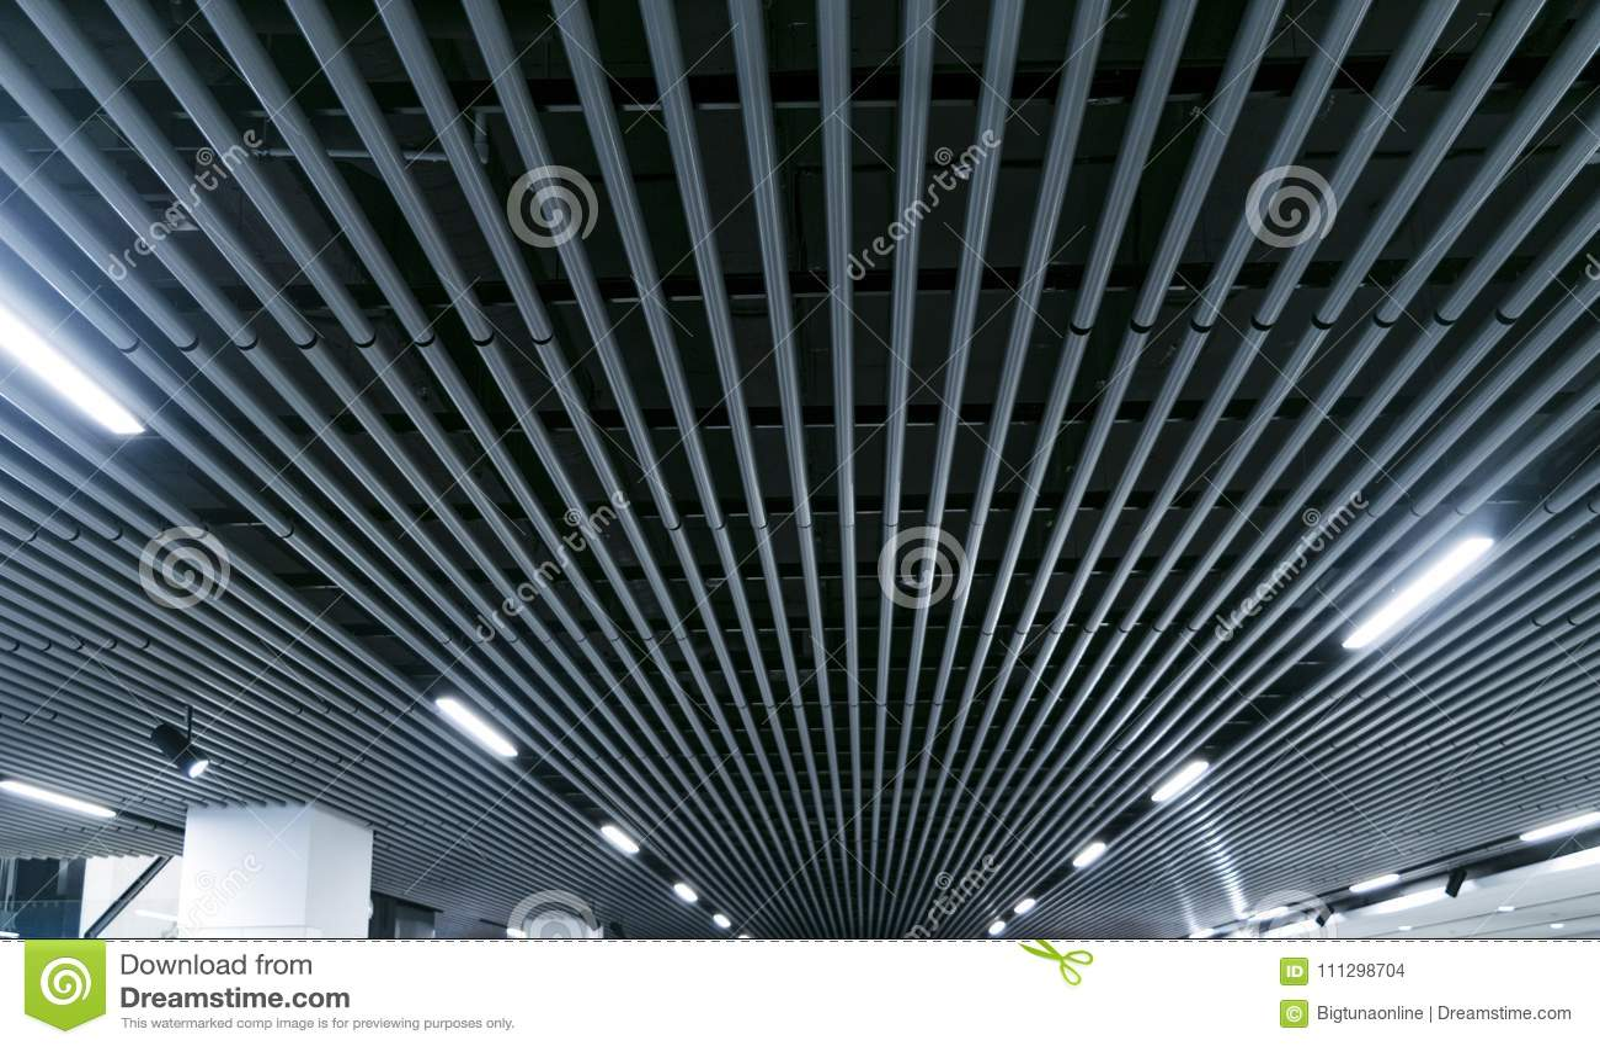 Luci e sistema di ventilazione nella lunga fila sul soffitto della costruzione scura di Hall Ceiling di mostra del fabbricato ind